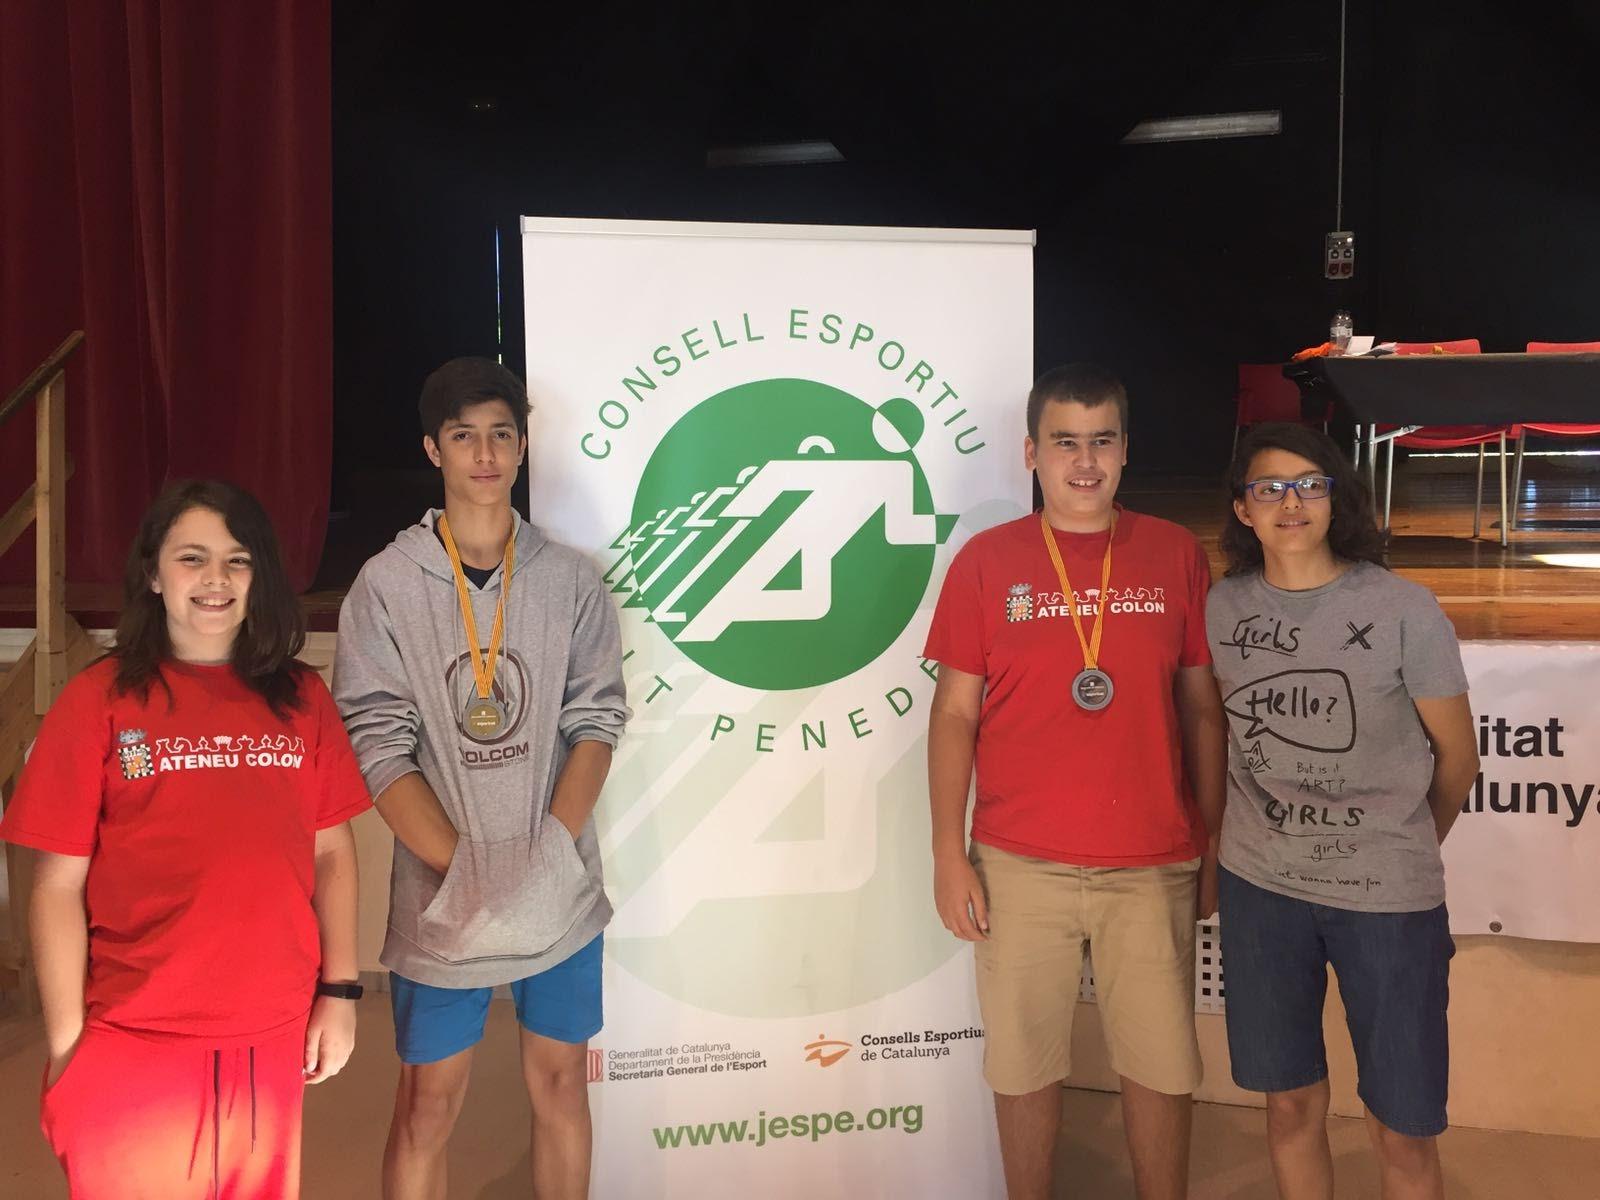 Els participants